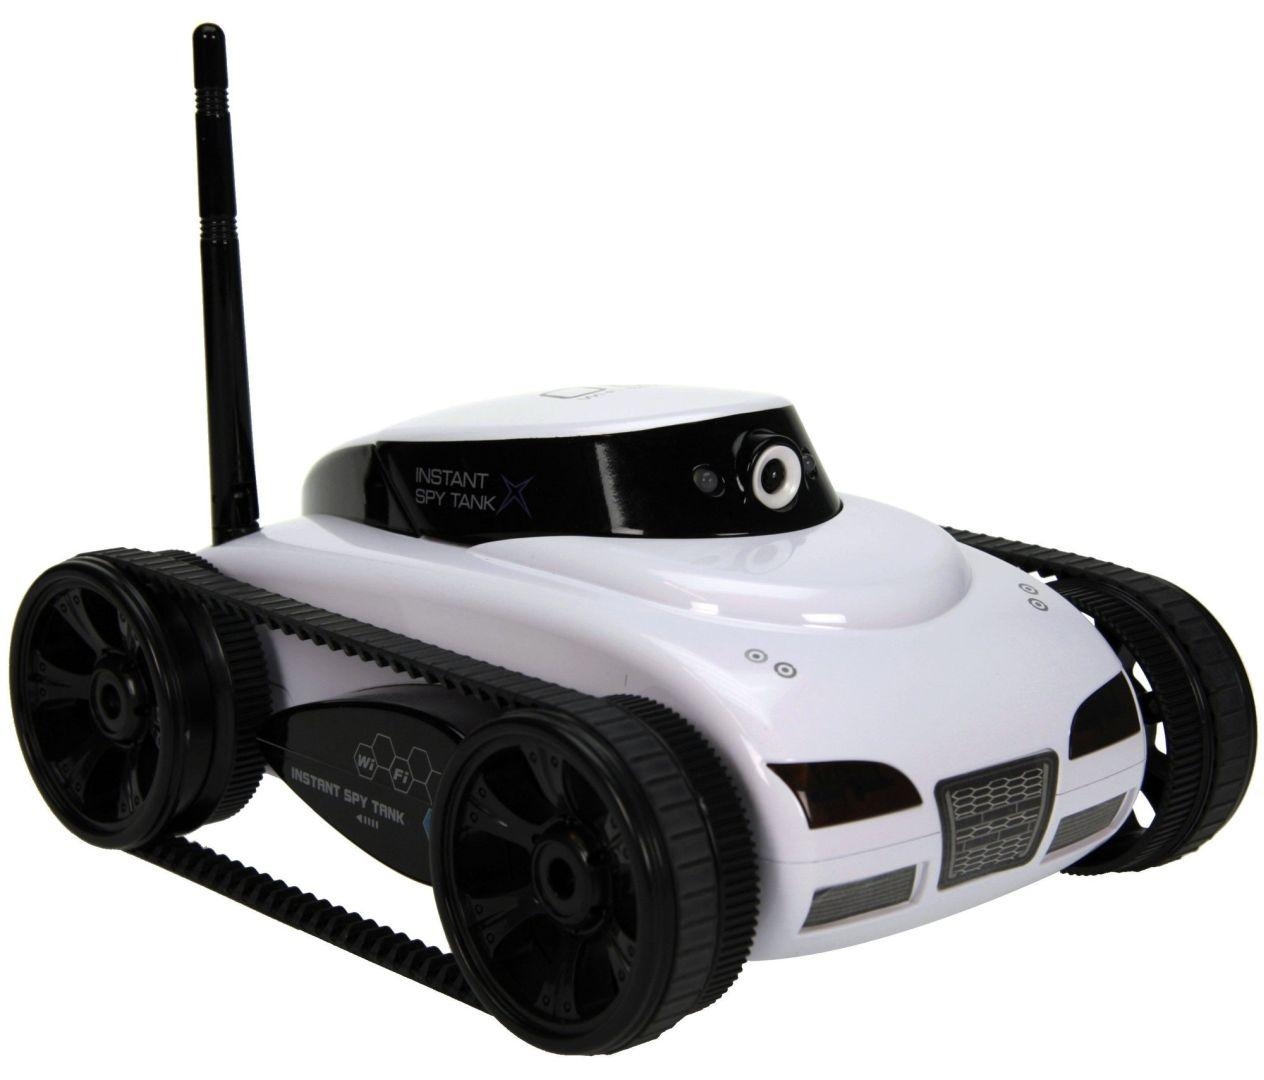 Танк-шпигун Happy Cow I-Spy з камерою WiFi (1508269176)